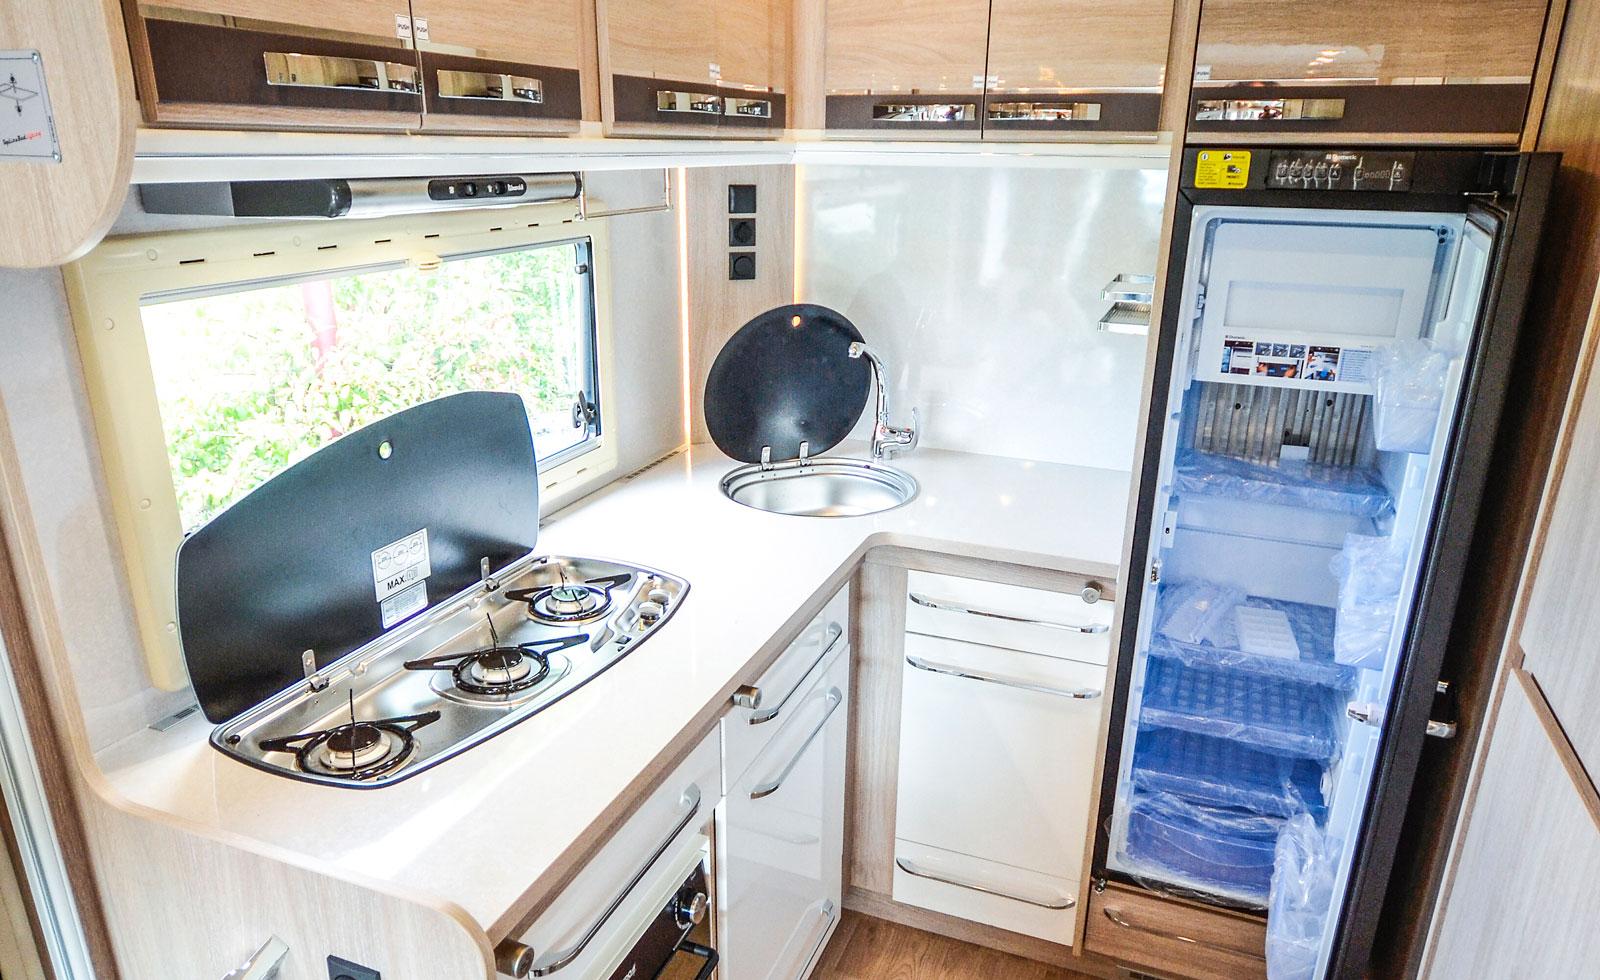 Köket är bilens stolthet. Förutom enormt stor köksbänk så är takhöjden 209 cm vilket gör även överskåpen rymliga. Ugn är standard!